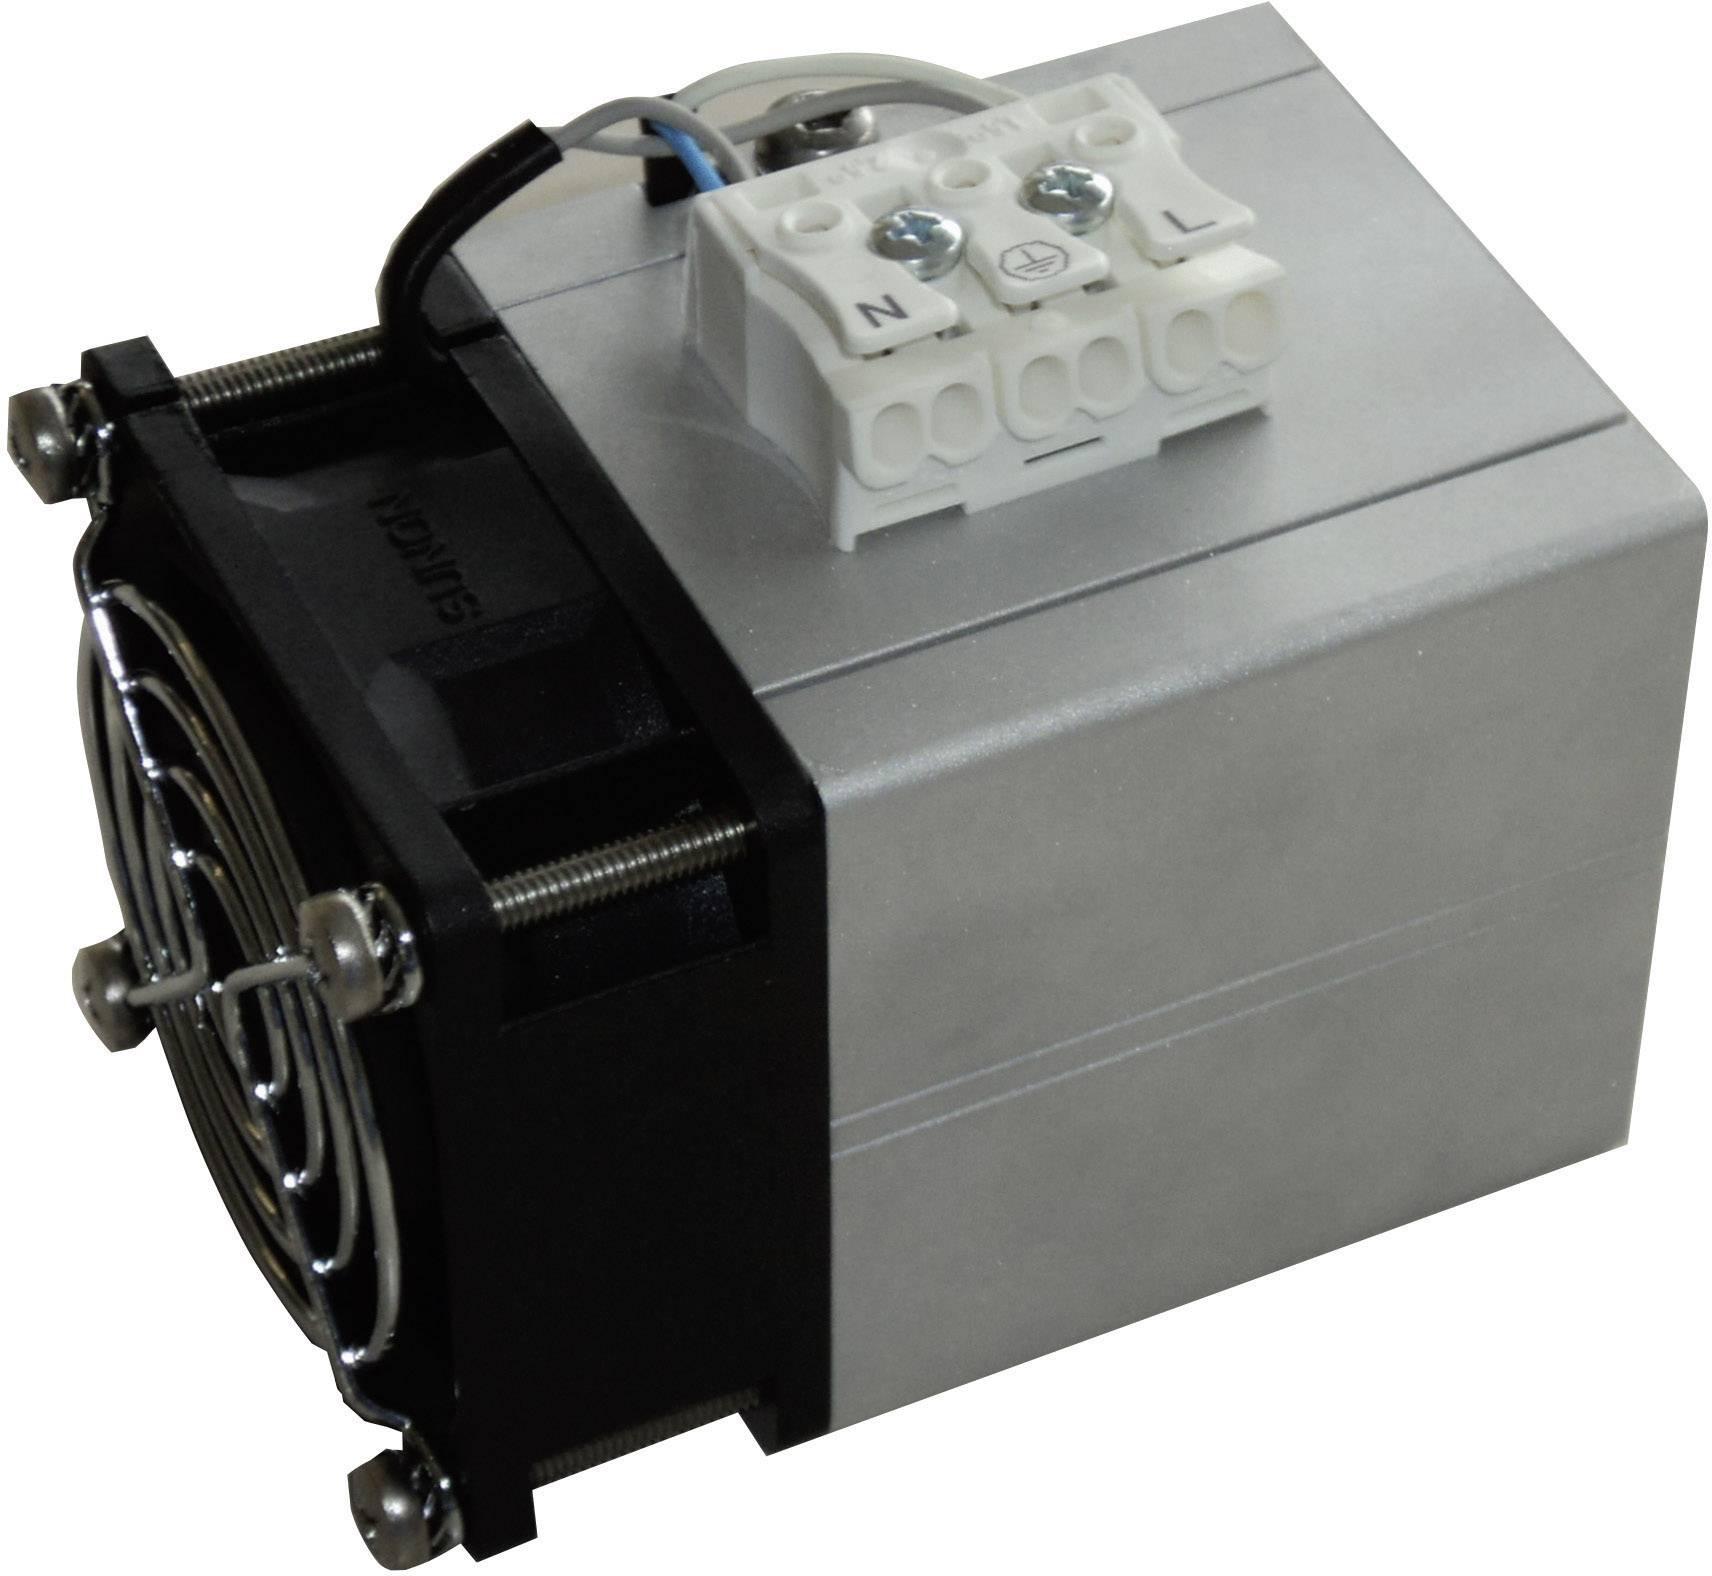 Vytápění s ventilátorem Rose LM Mixi (04325022A22), do rozvodných skříní, 250 W